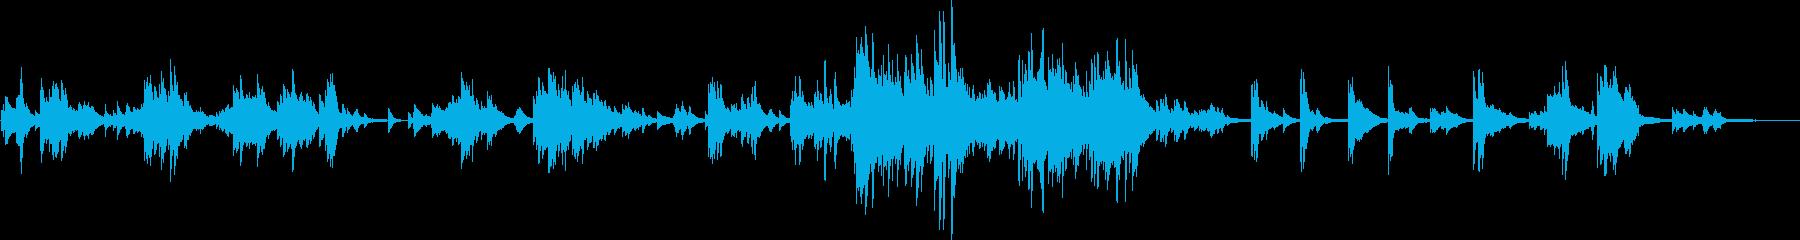 感動的な美しいピアノバラード(温かい)の再生済みの波形